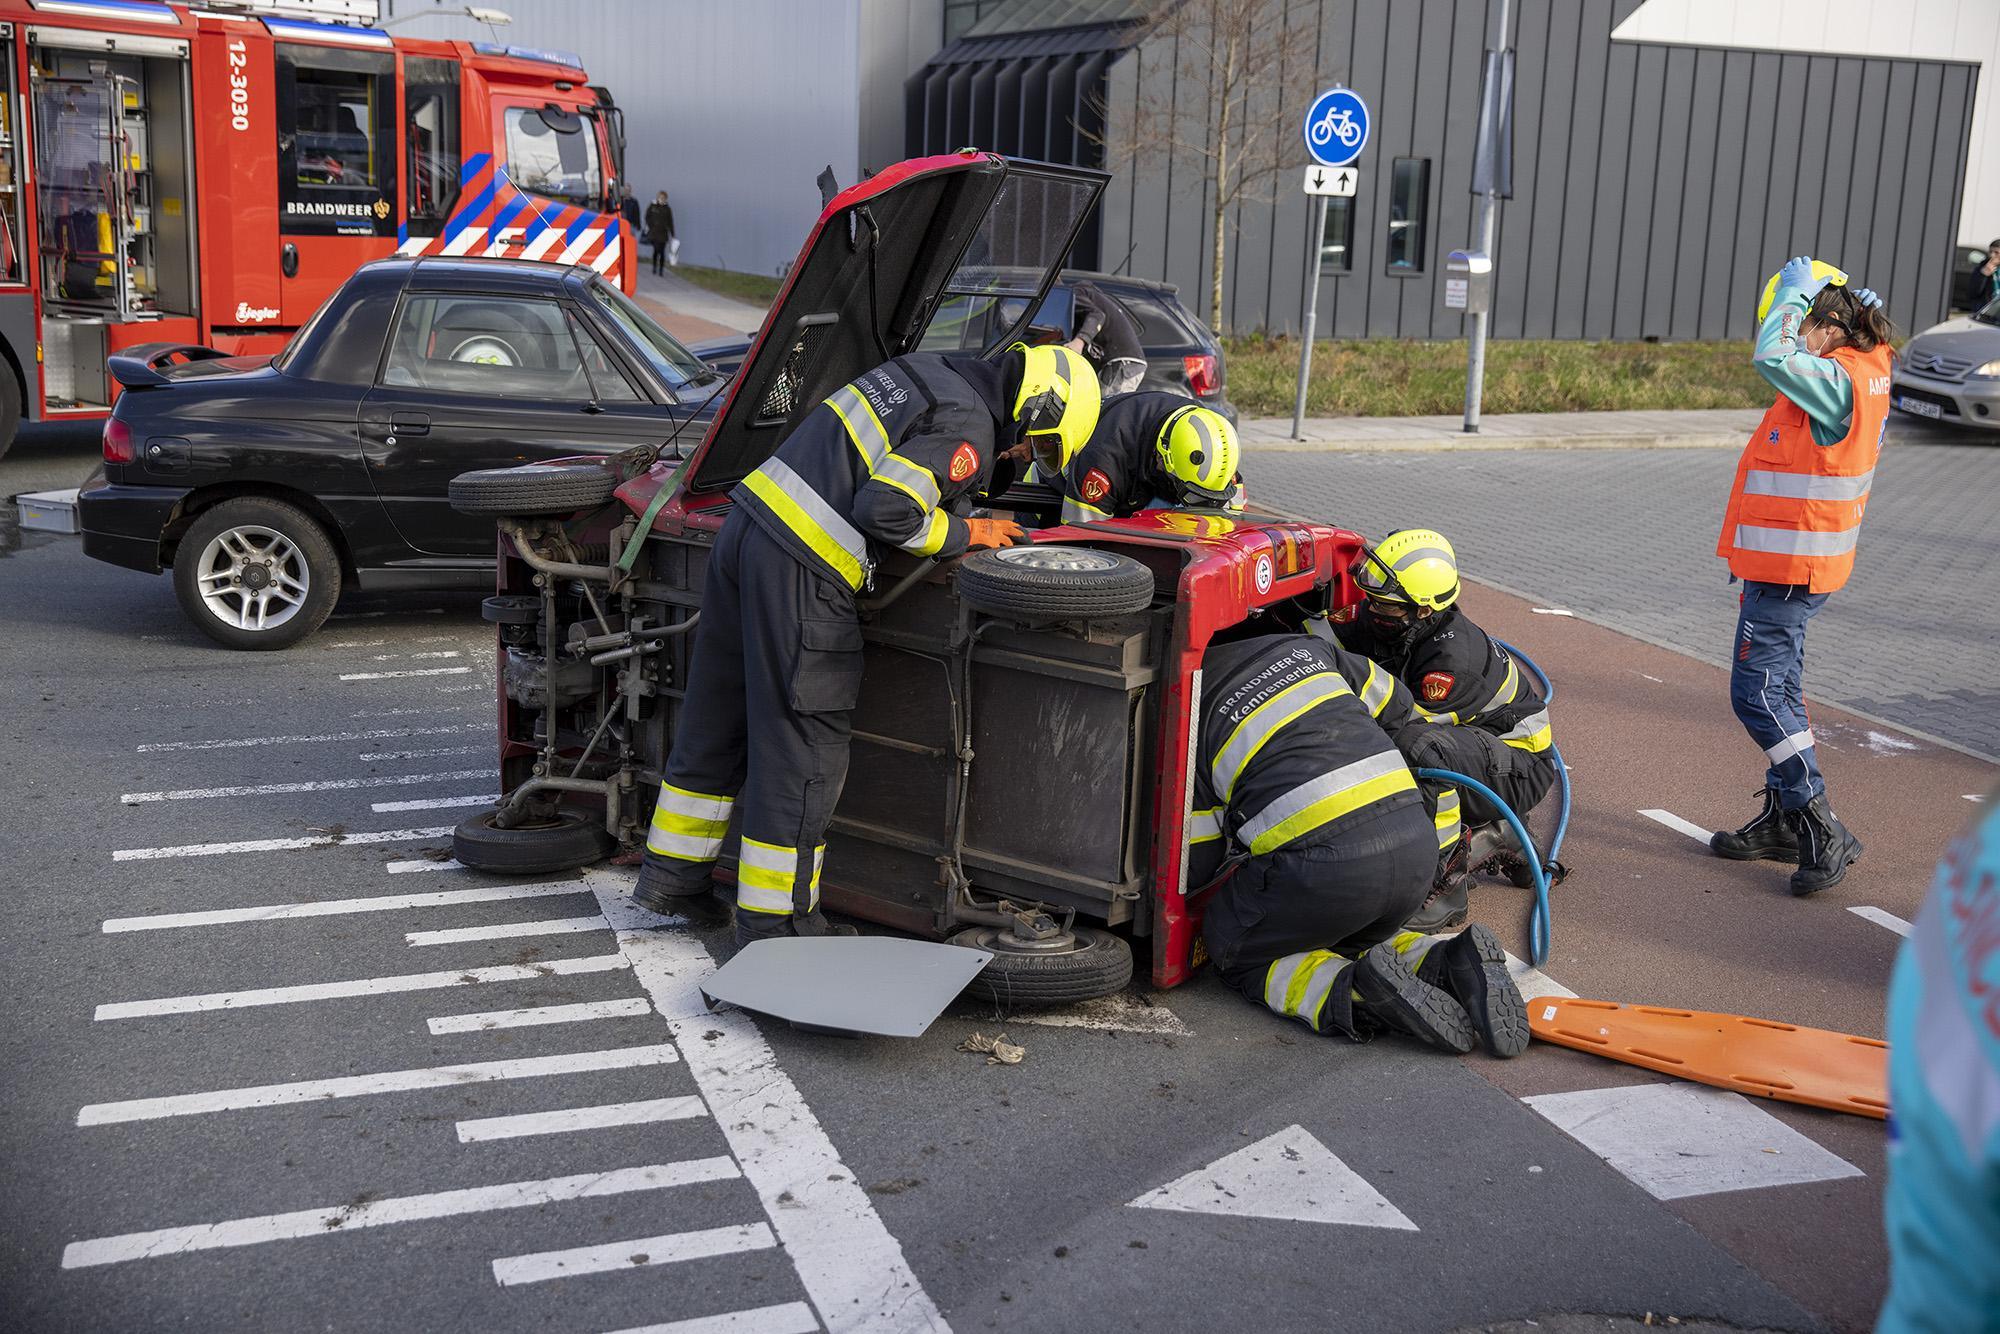 Vrouw in brommobiel gewond bij ongeluk in Haarlem